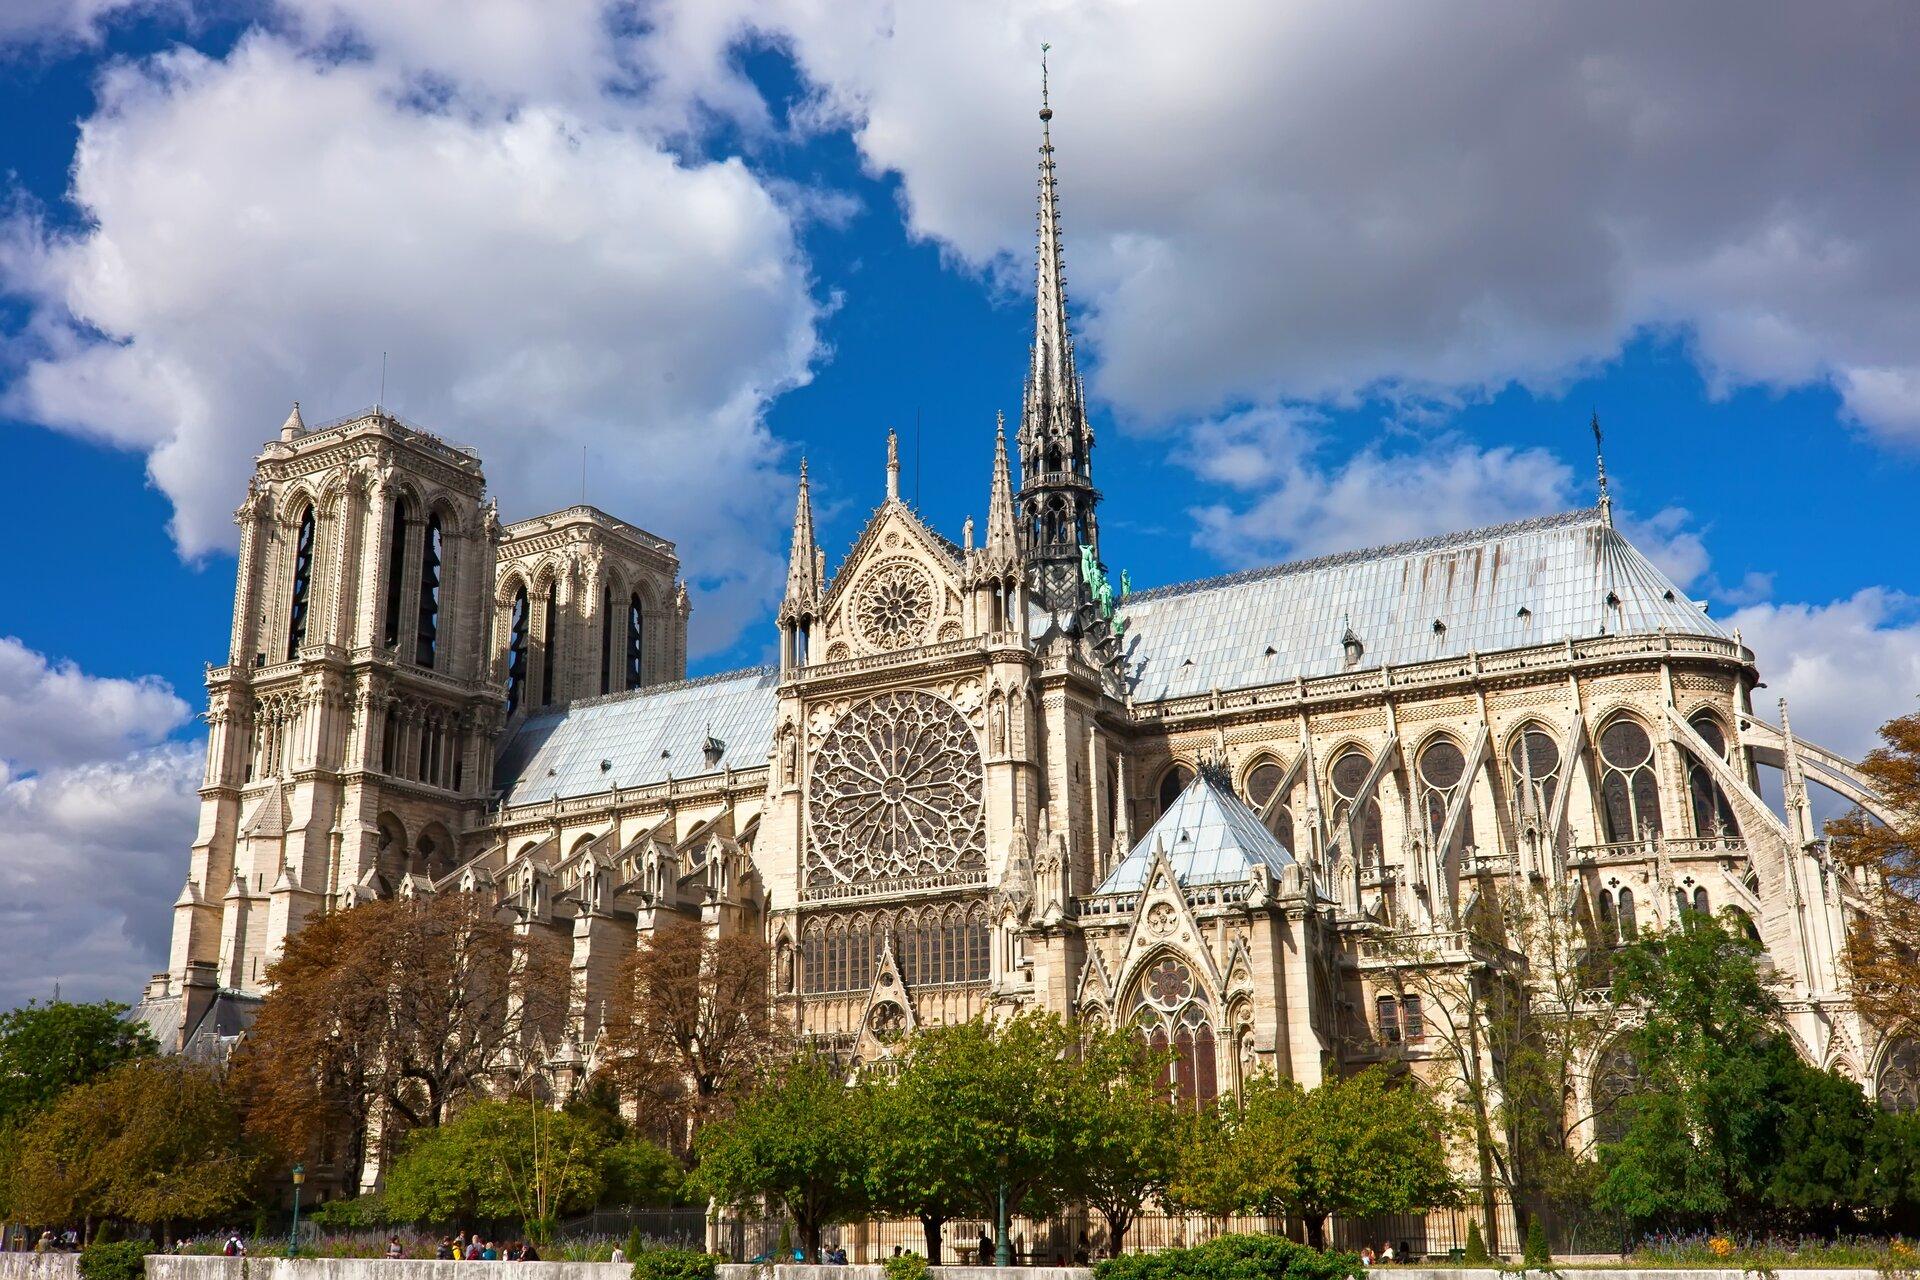 Ilustracja przedstawia Katedrę Notre-Dame wParyżu. Budowla jest strzelista, monumentalna. Na zdjęciu jest boczna część katedry zwieżą iwejściem. Centralnym punktem jest wielka rozeta, anad nią druga mniejsza. Ta część budynku zakończona jest dwiema małymi szpiczastymi wieżyczkami, awtylnej jej części widać dużą szpiczastą wieżę ijasne błękitne niebo pokryte białymi chmurami. Po lewej stronie katedy widać dwie główne kwadratowe wieże, które wgórnej części mają po dwa długie otwory okienne - biforium.